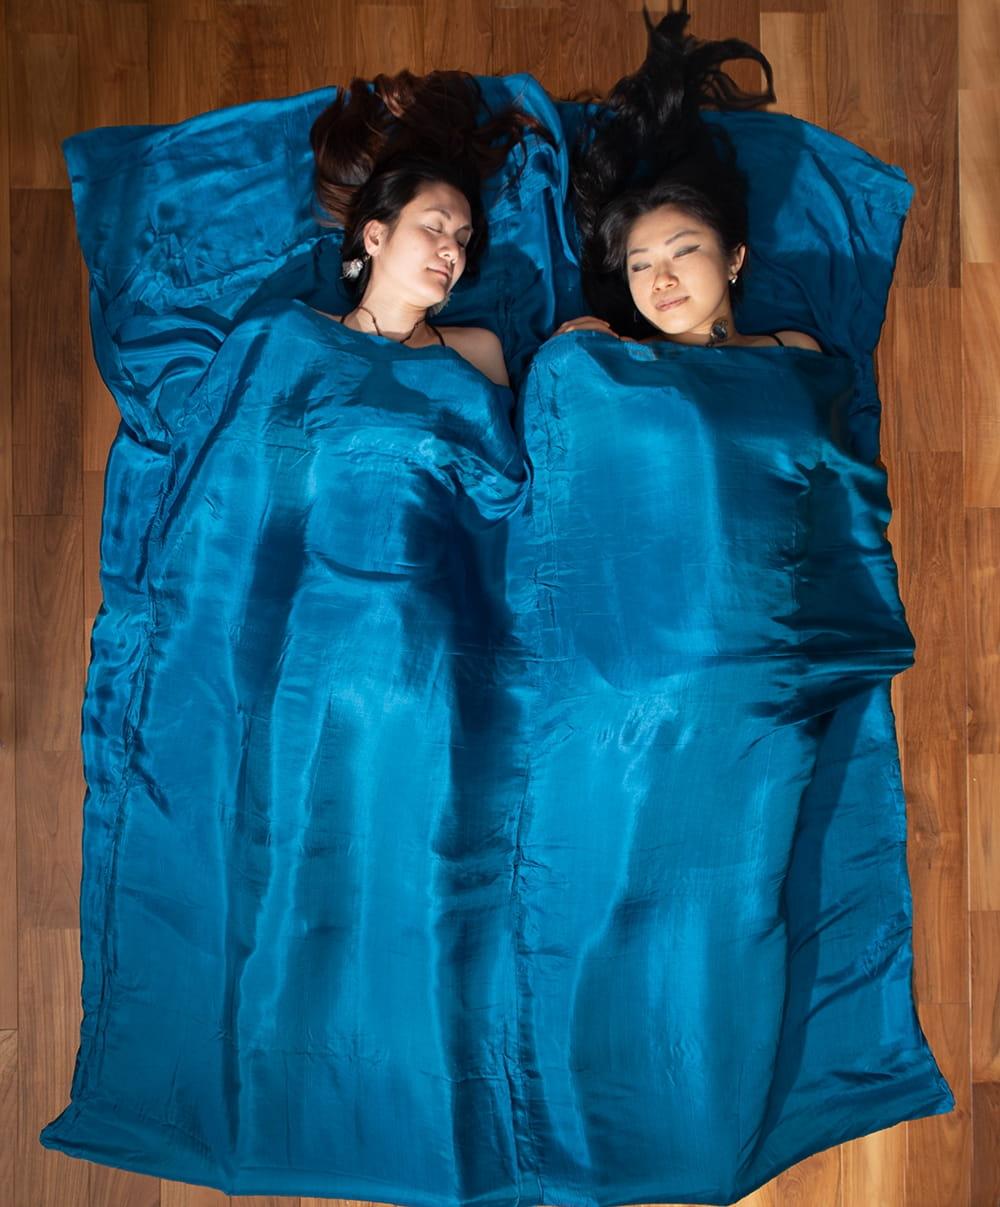 ベトナムのシルク寝袋[ダブルサイズ]の写真